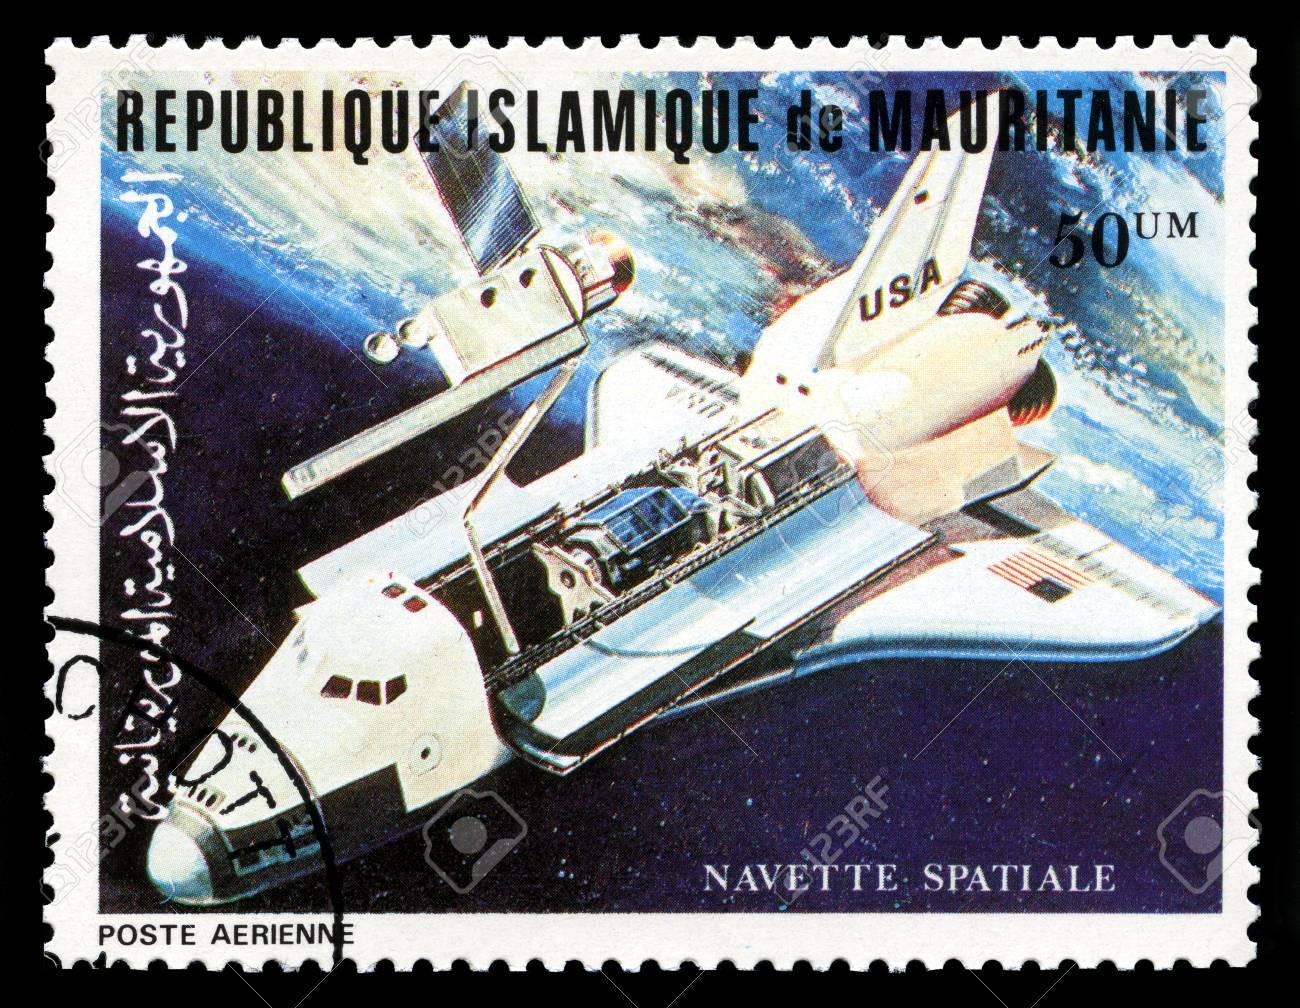 REPUBLIQUE ISLAMIQUE DE MAURITANIE - CIRCA 1981: A vintage postage stamp from Republique Islamique de Mauritanie depicting an image of the Space Shuttle, circa 1981. - 31610486